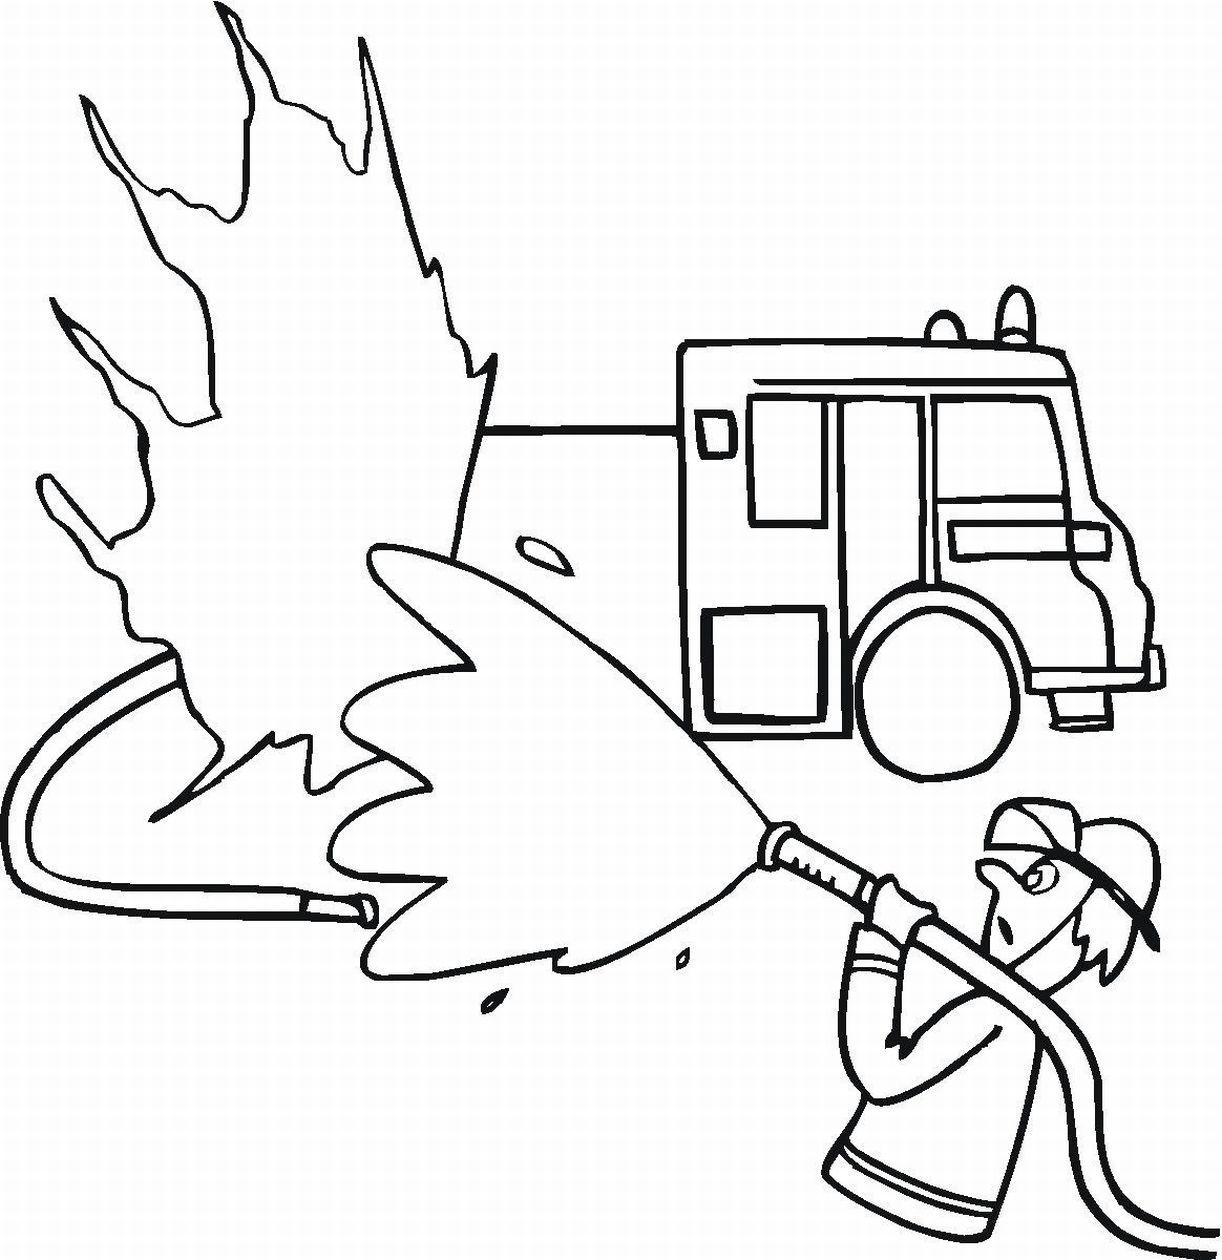 временем картинки раскраски пожар случае оптового заказа